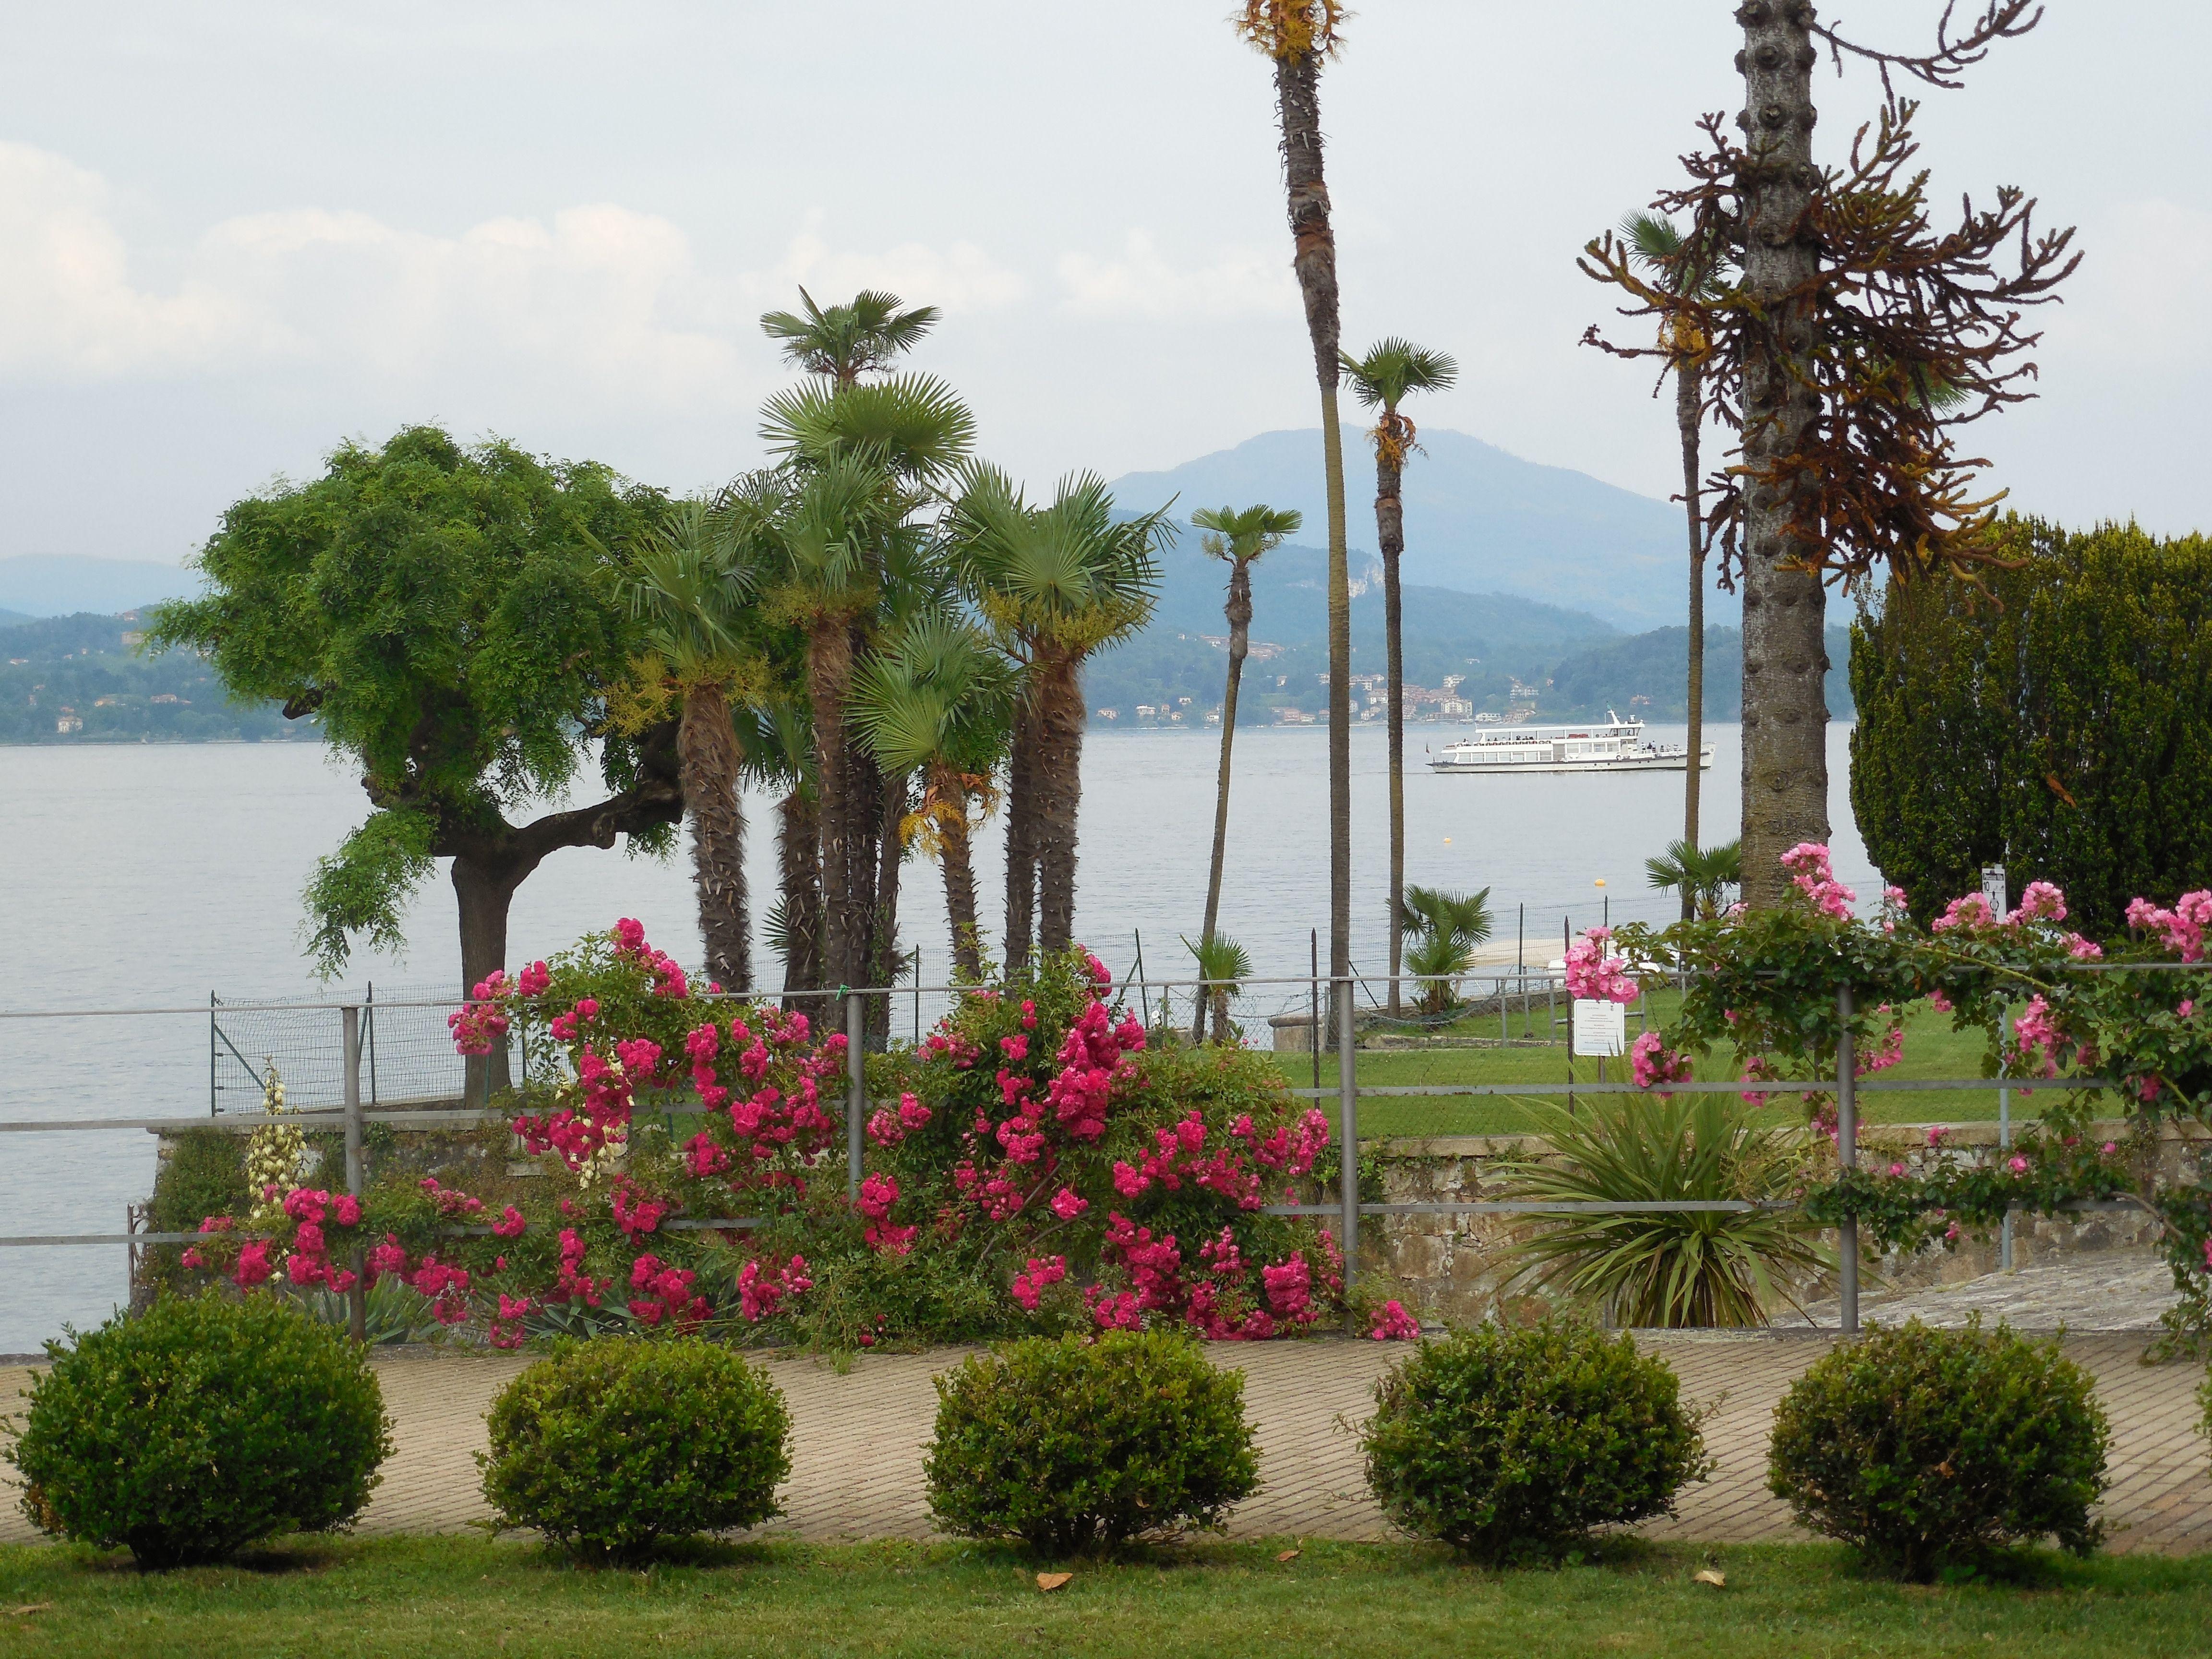 Stresa Promenade On Lago Maggiore June 2014 Cities In Italy Italy Travel Tourist Destinations